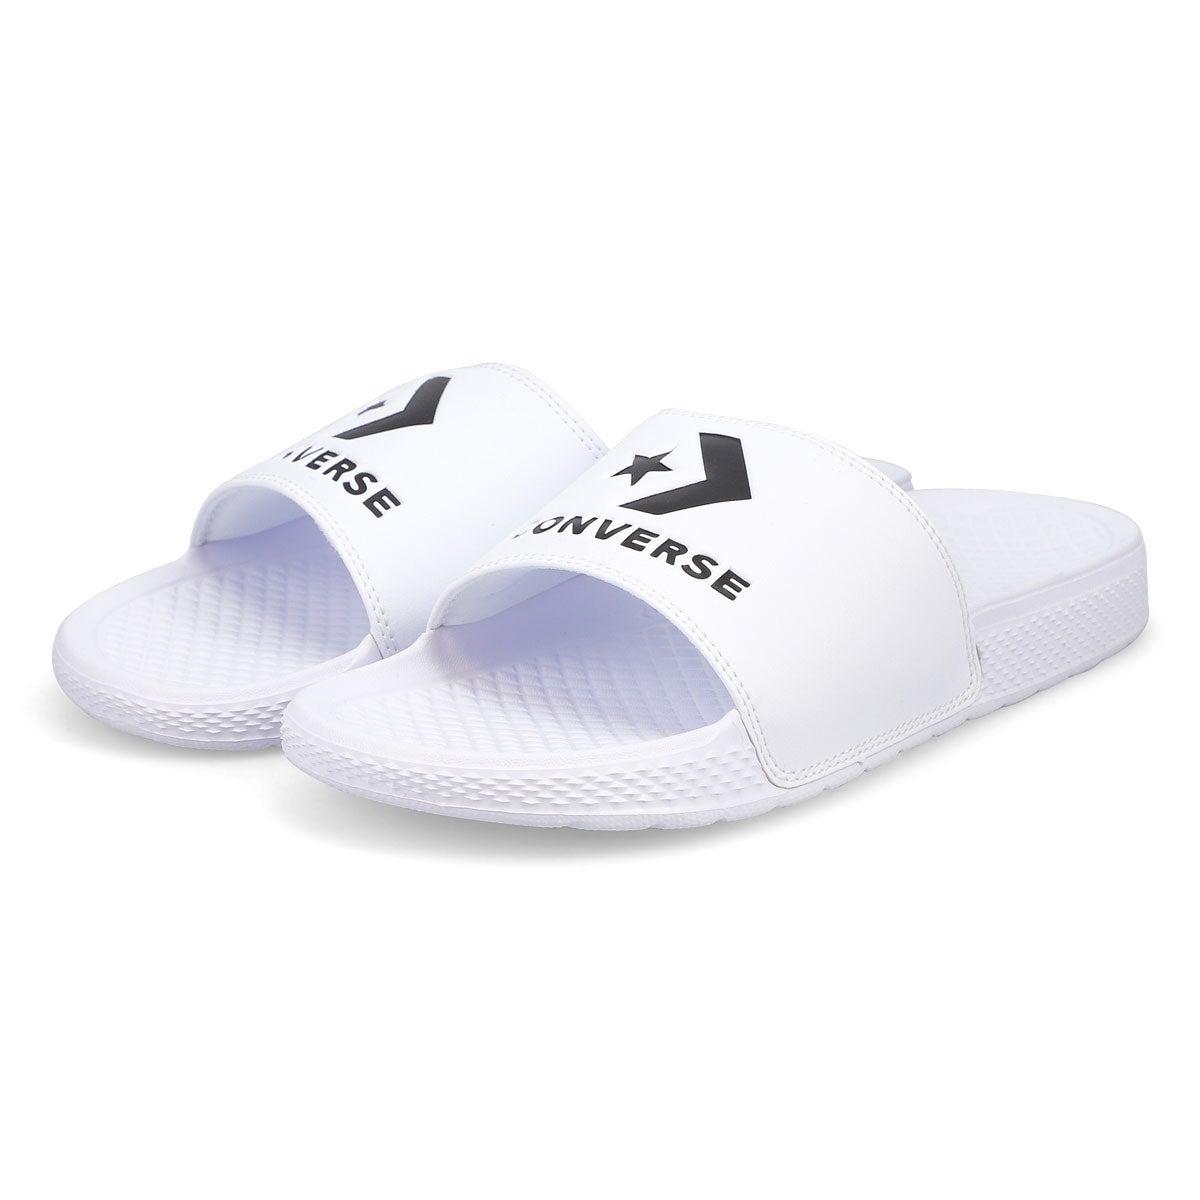 Men's All Star Casual Slide Sandal - White/Black